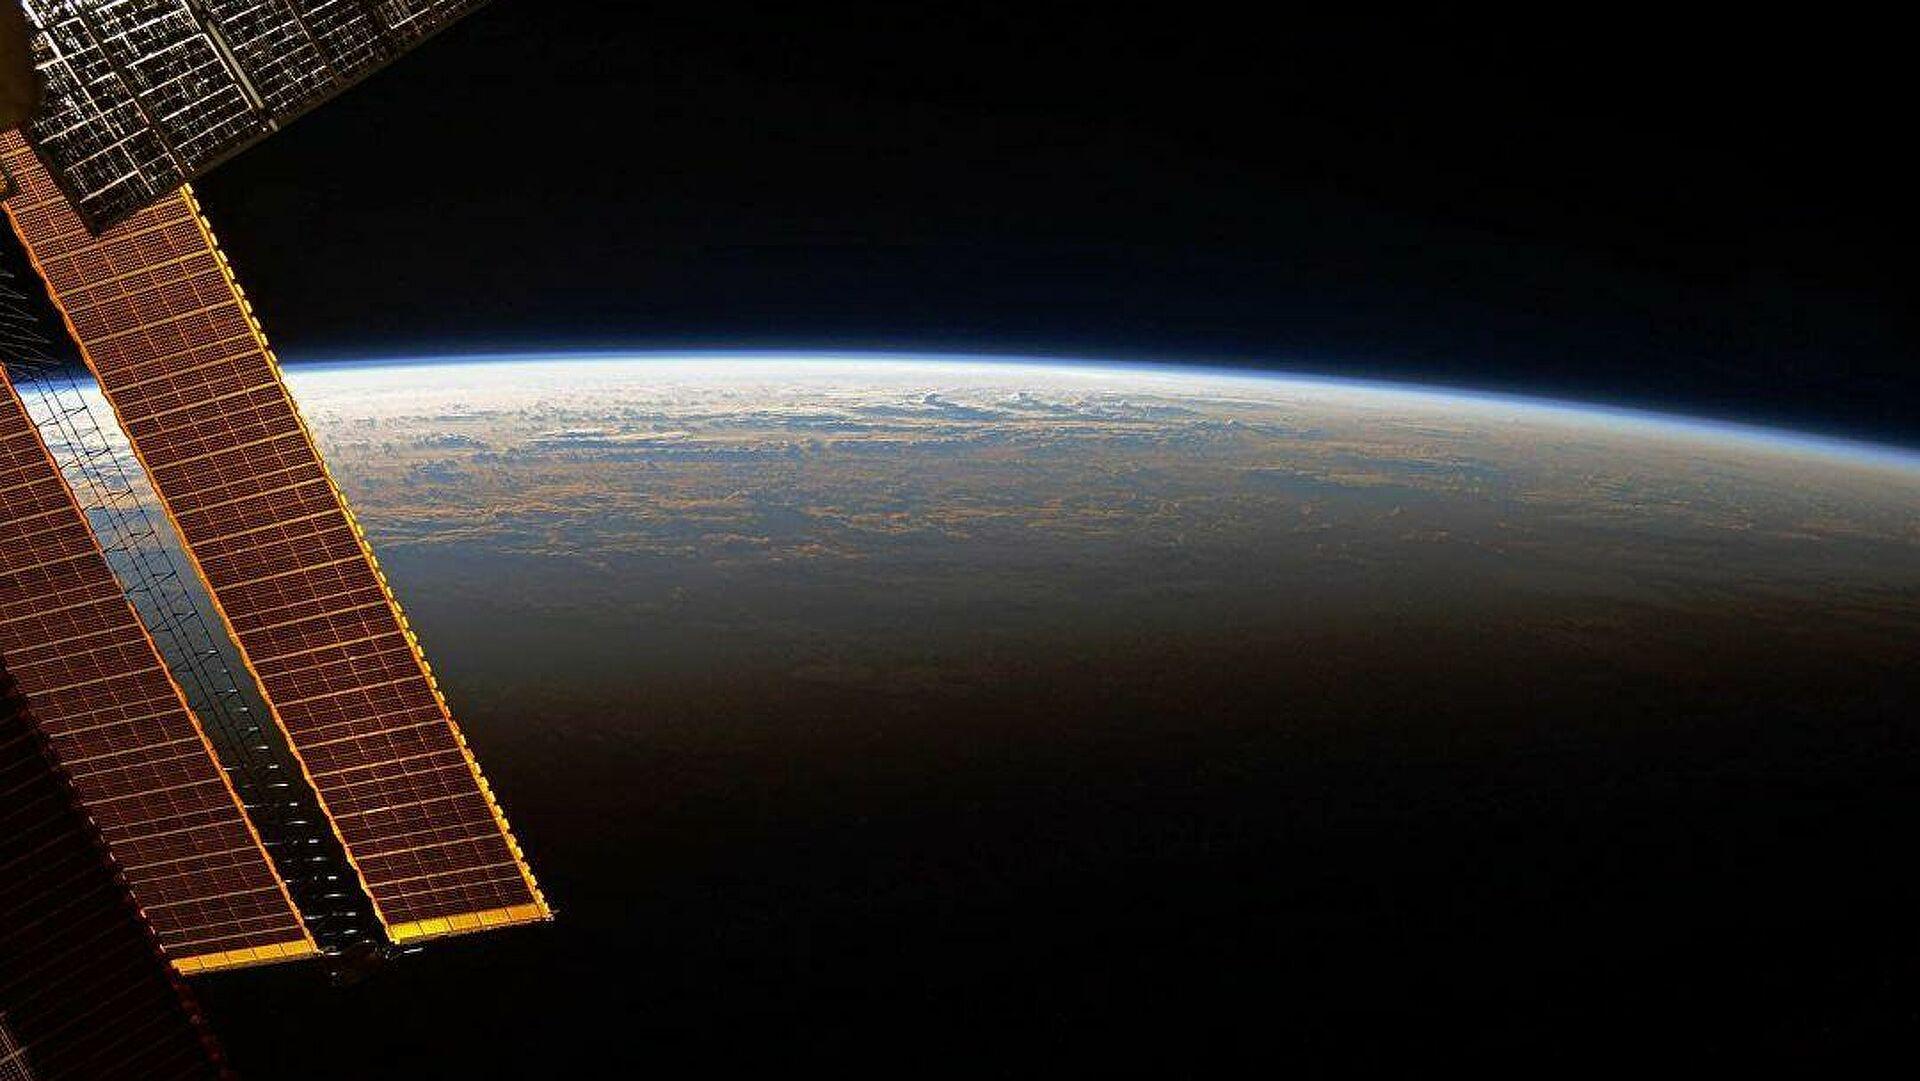 Влада одобрила продужење споразума између Русије и САД-а о сарадњи у космосу до 31. децембра 2030. године